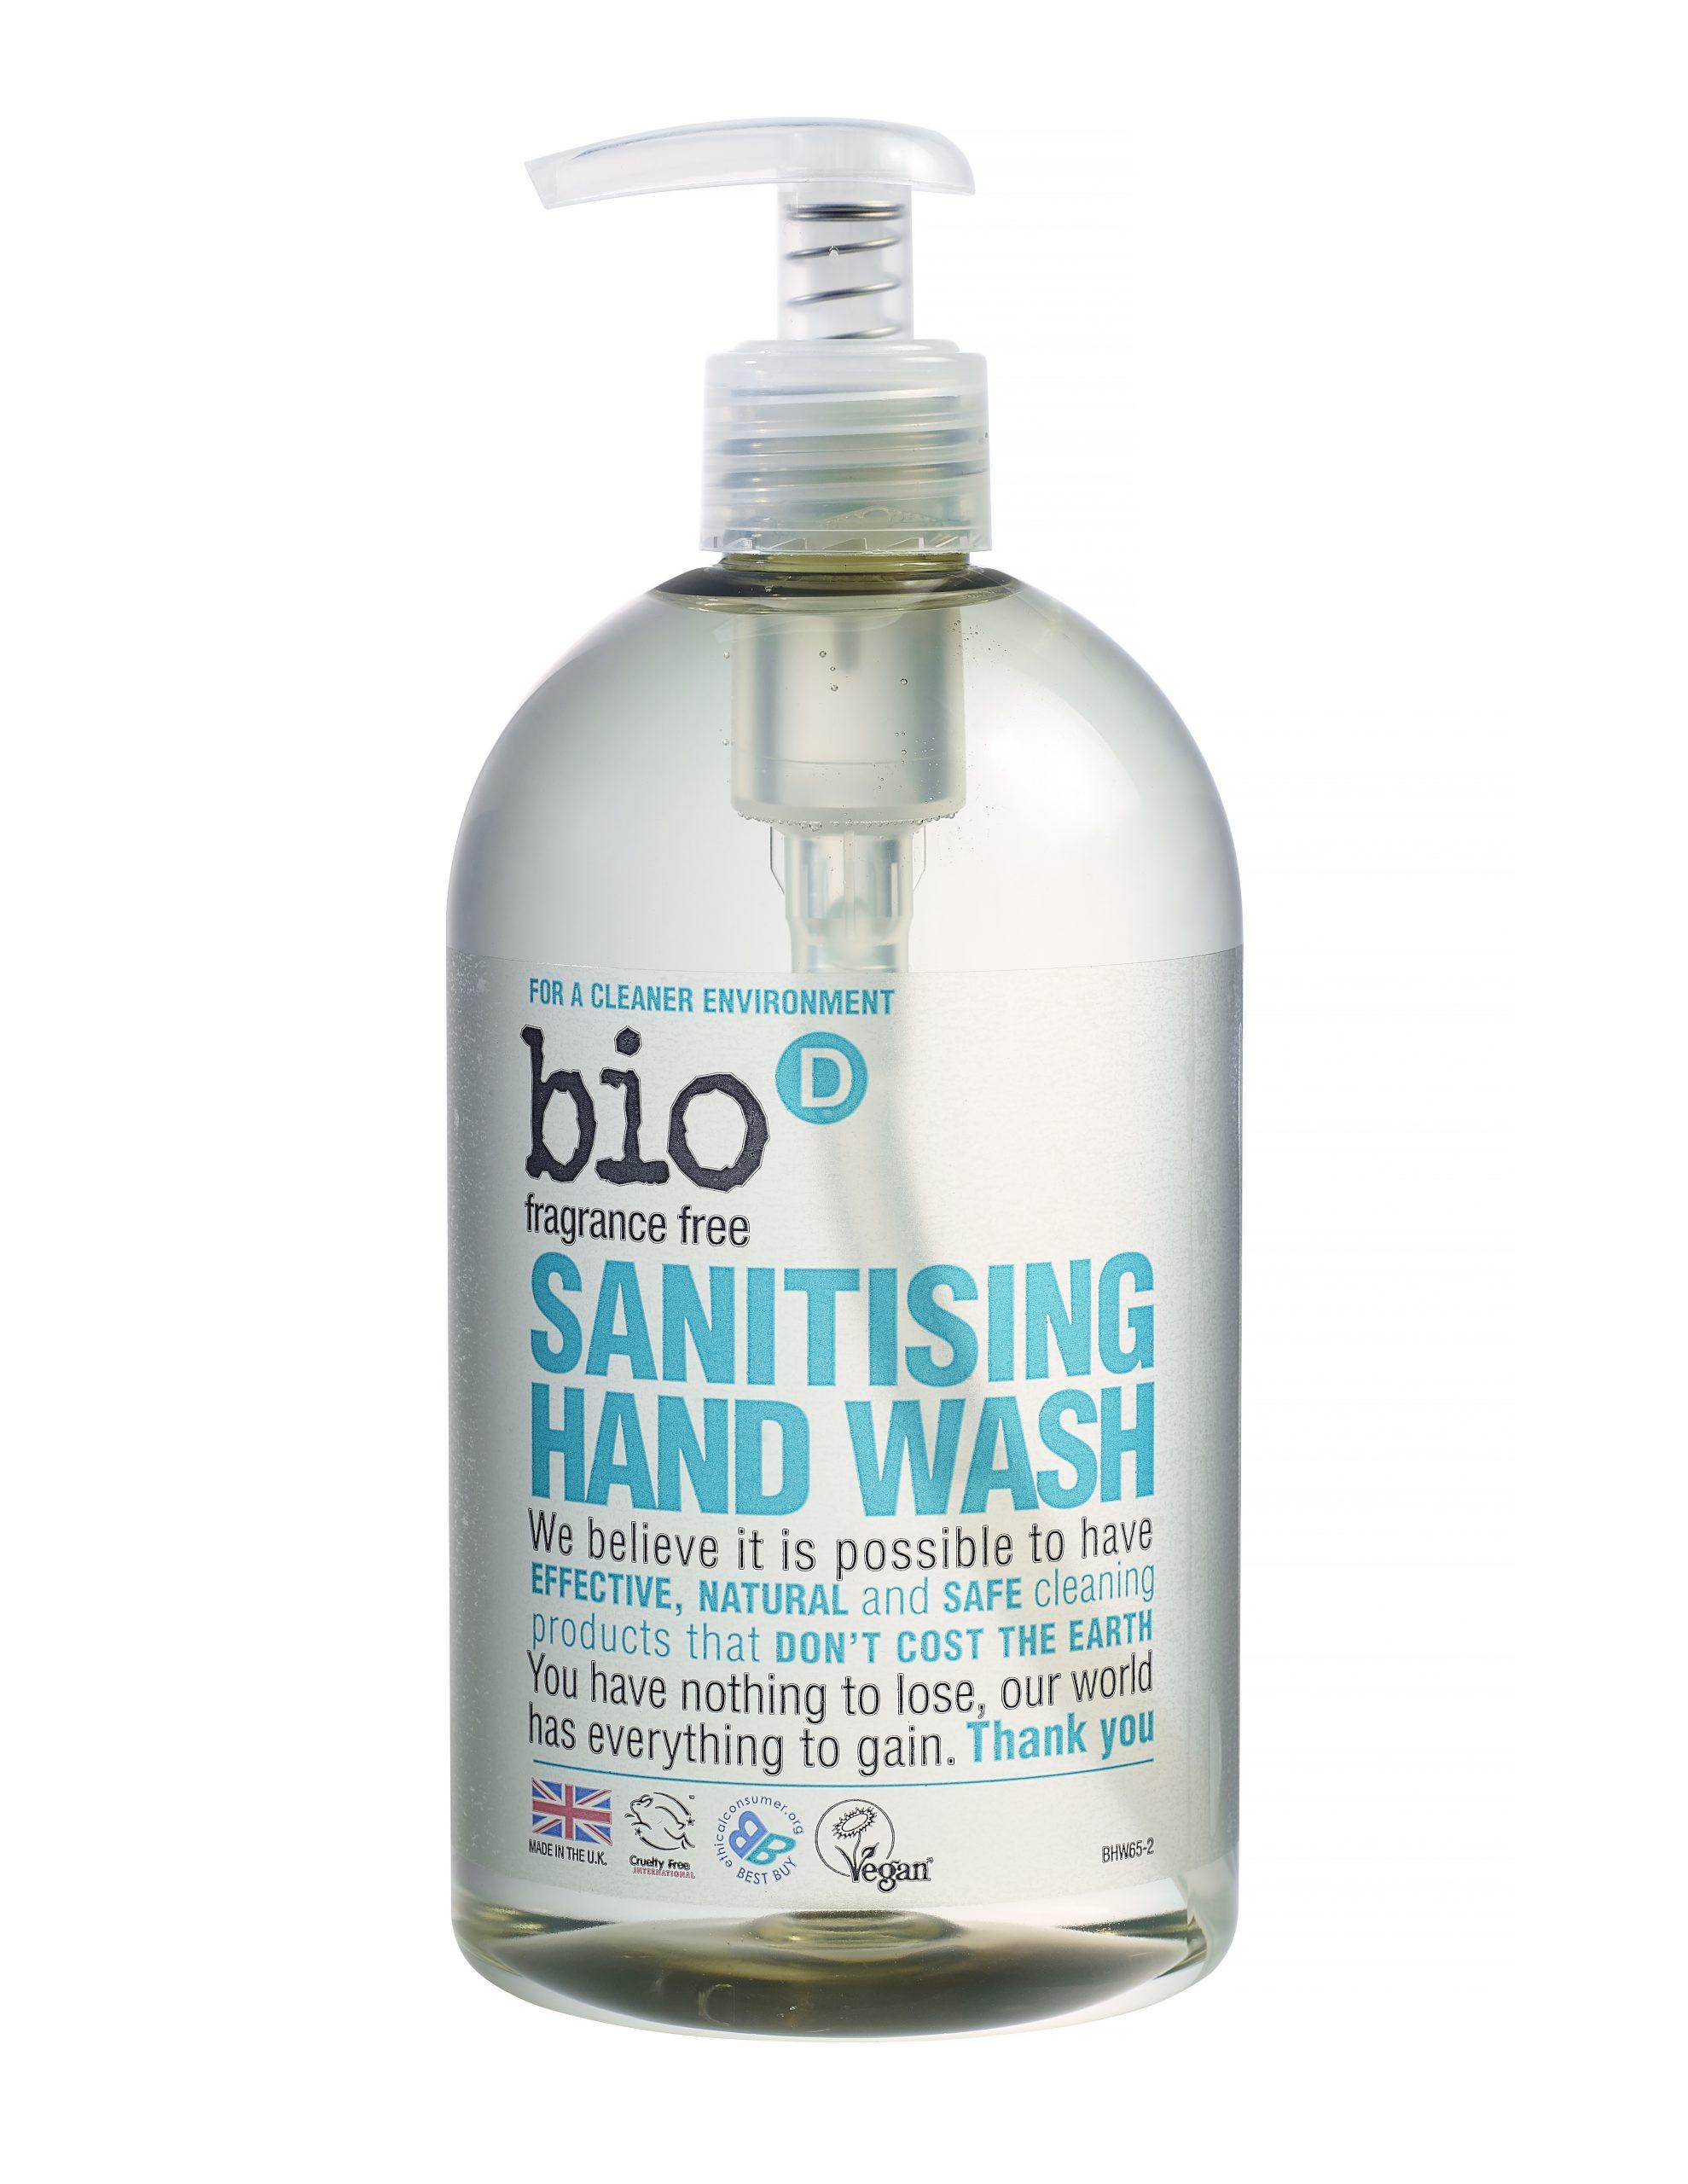 Bio-D Sanitising Hand Wash (fragrance free)